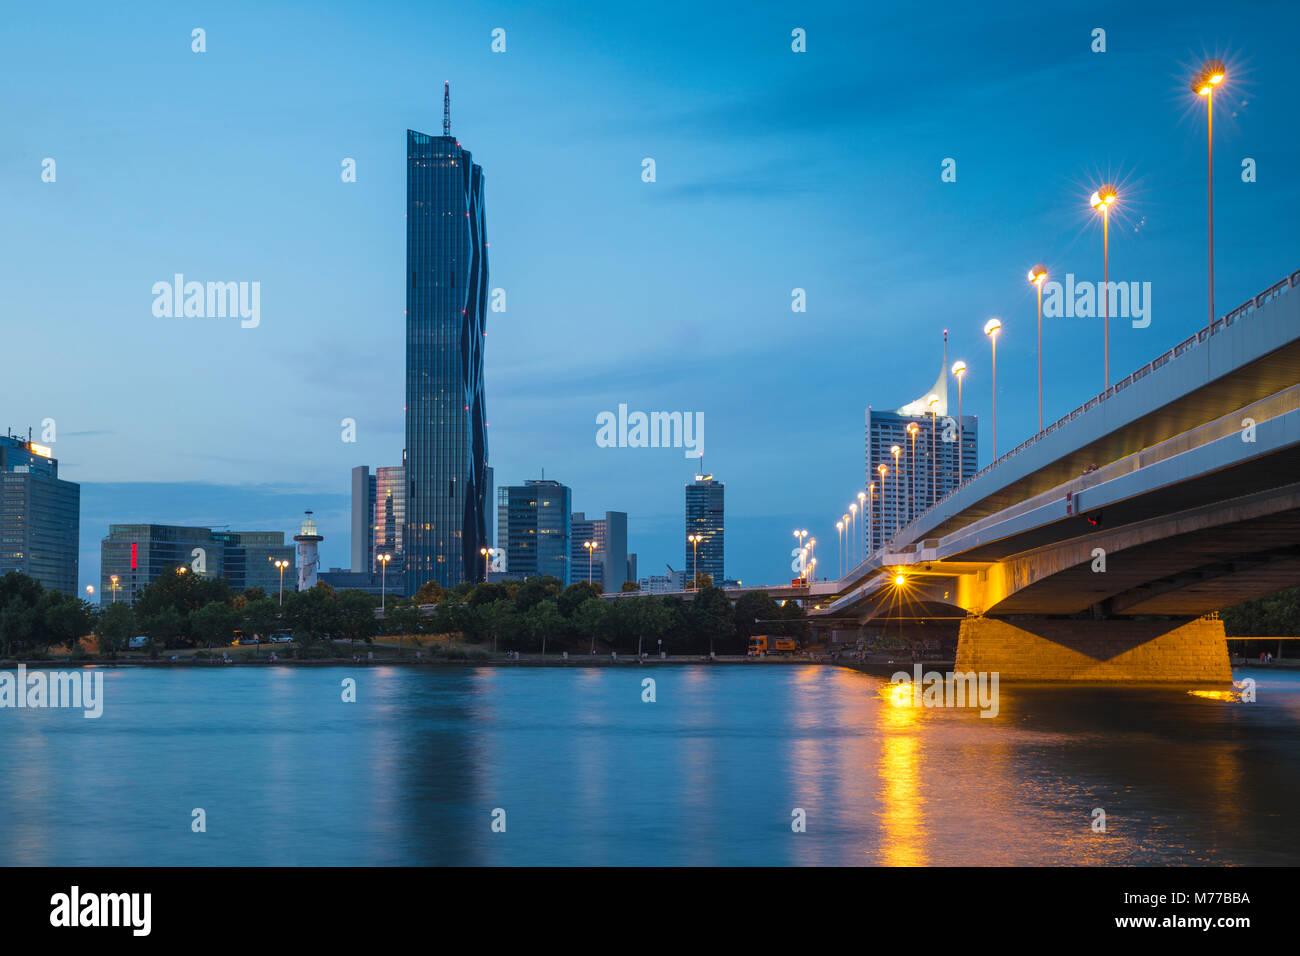 Donau City und DC-Gebäude in der Neuen Donau, Wien, Österreich, Europa widerspiegelt Stockbild